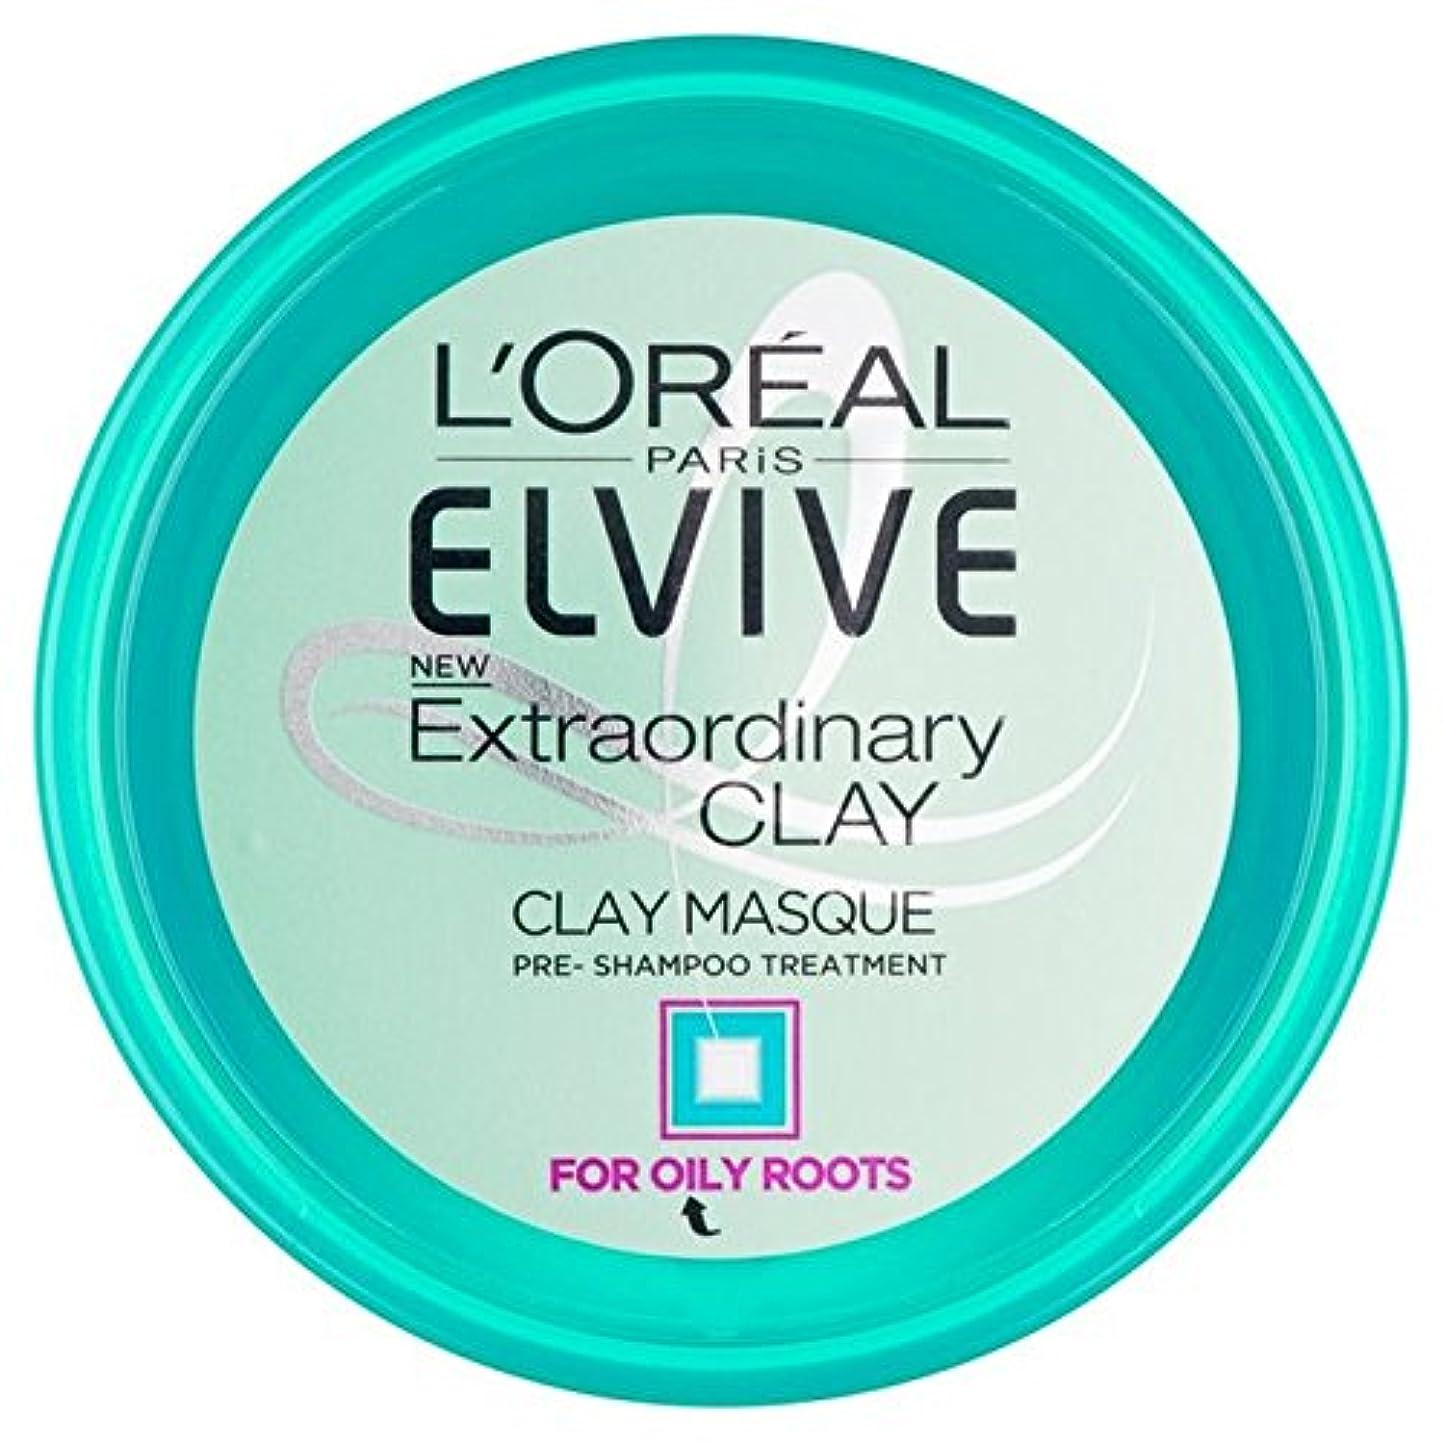 自発的書き込み争うロレアルパリ臨時粘土仮面前シャンプートリートメントローション150 x4 - L'Oreal Paris Elvive Extraordinary Clay Masque Pre Shampoo Treatment 150ml (Pack of 4) [並行輸入品]